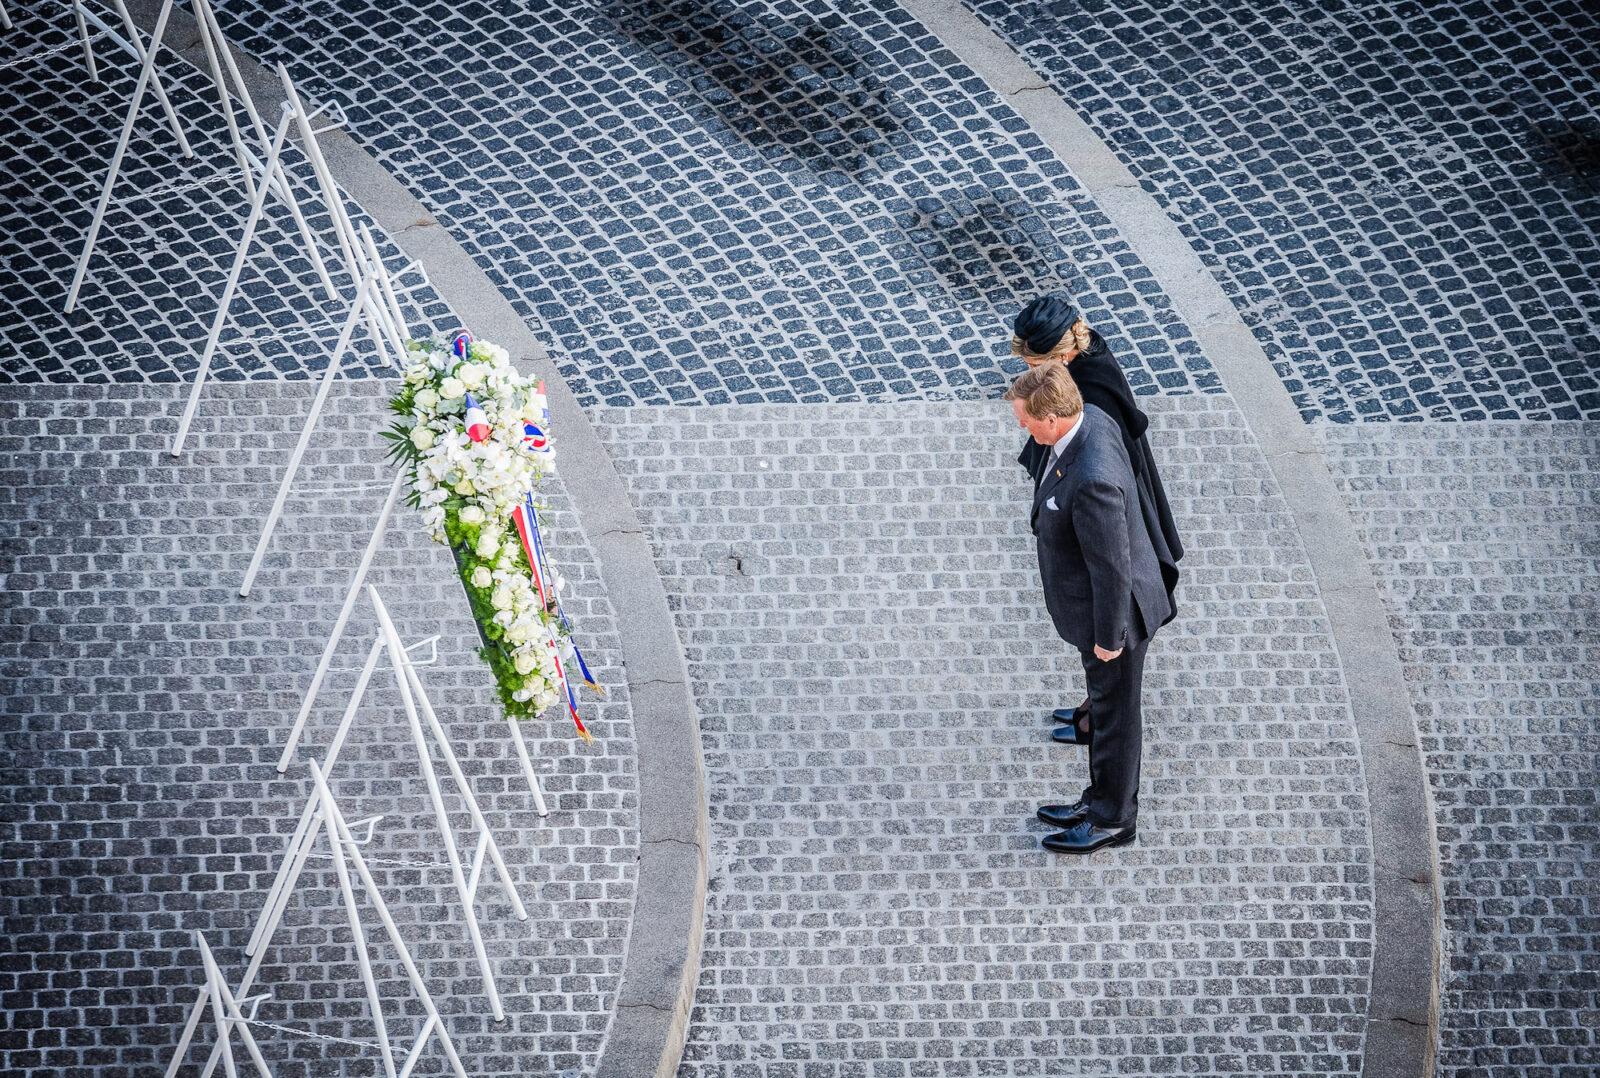 koning en koningin bij de kranslegging en het monument op de dam 2019_4-mei-de-dam_photo-ben-houdijk_lr-0859